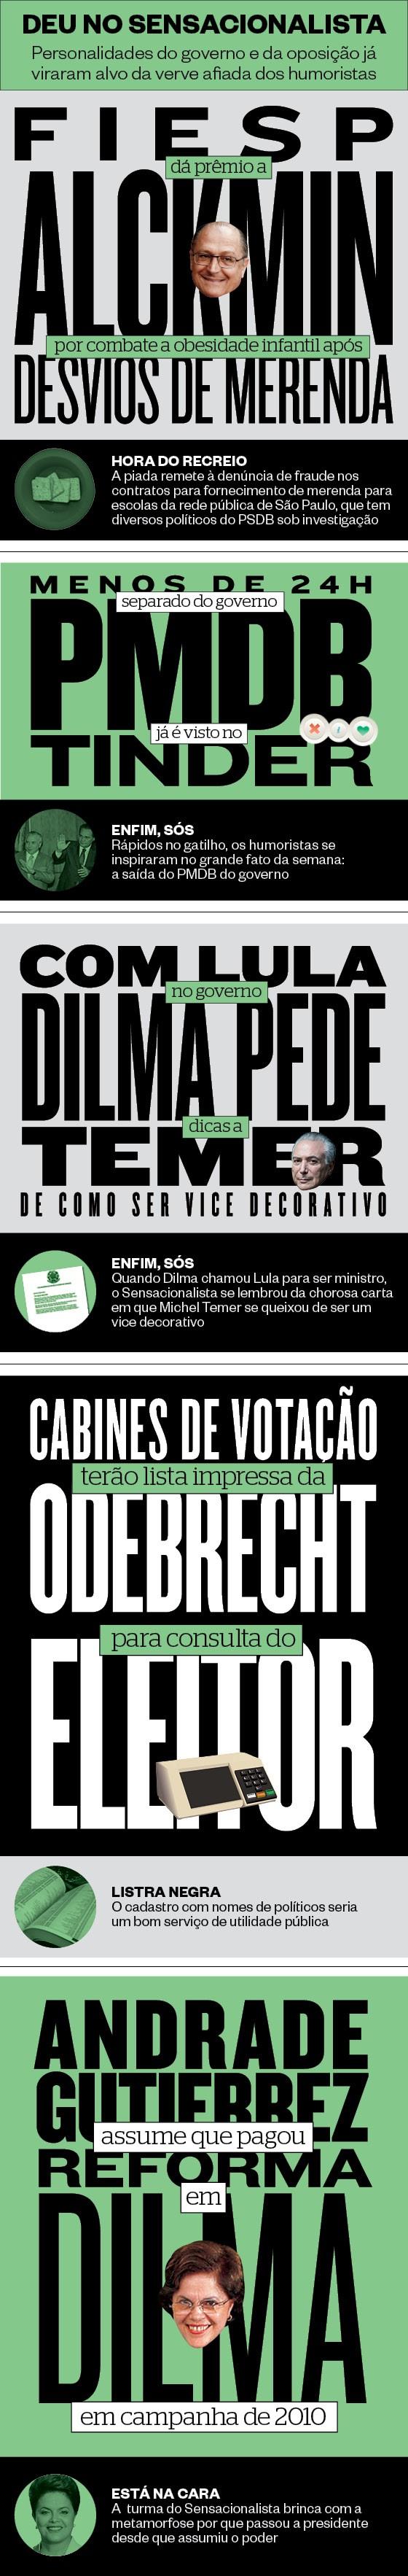 Imagem sensacionalista (Foto: Reprodução)